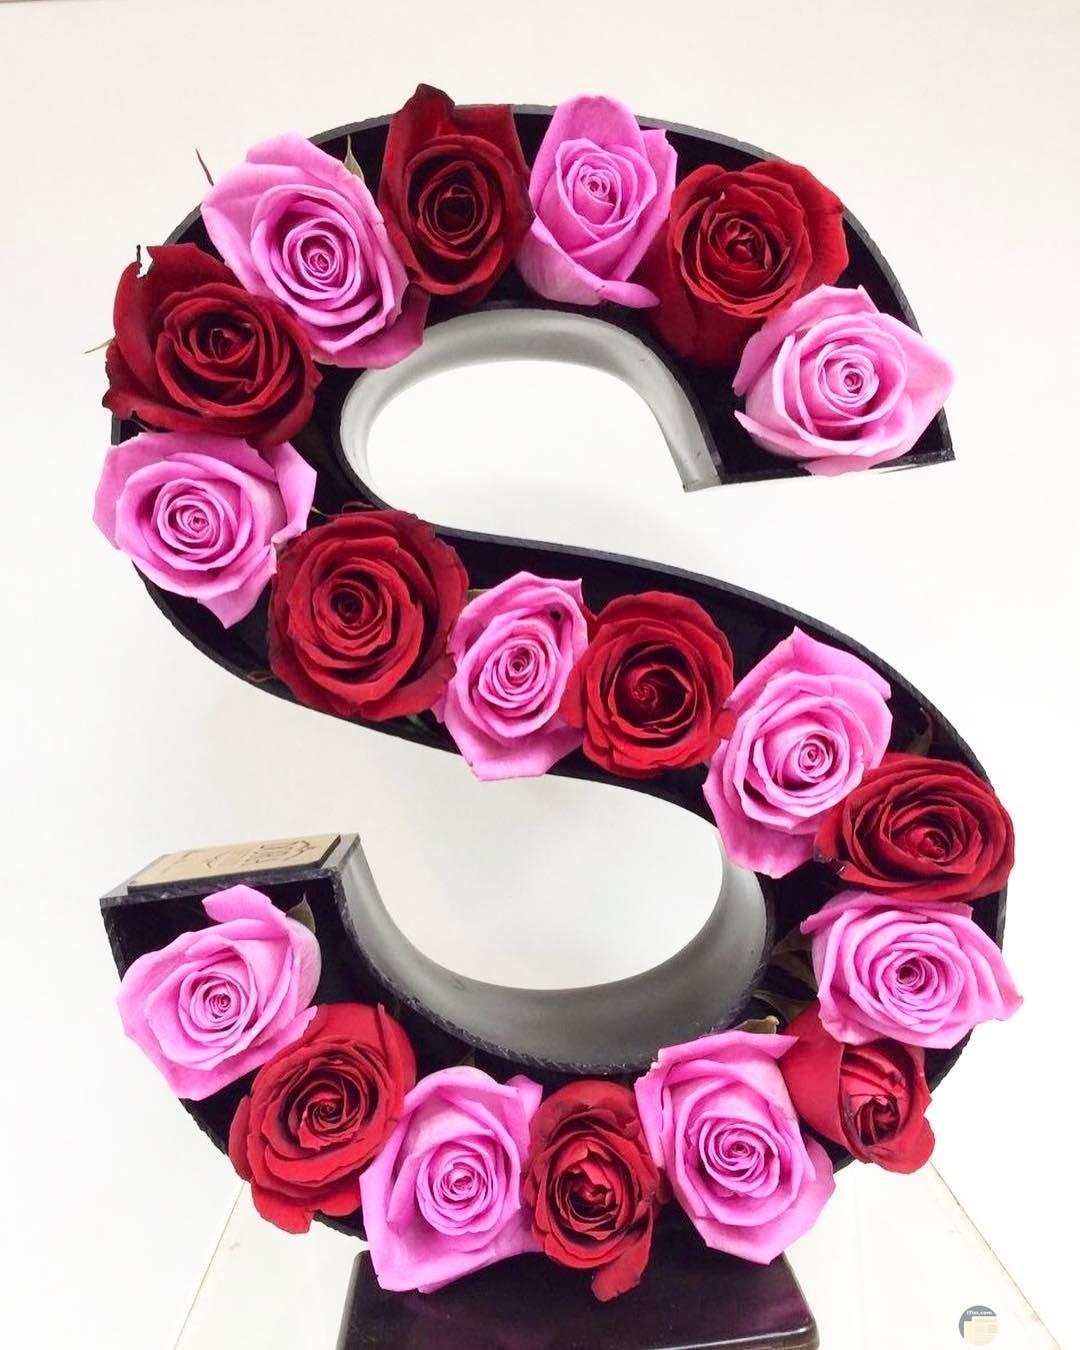 حرف s مع الورد.